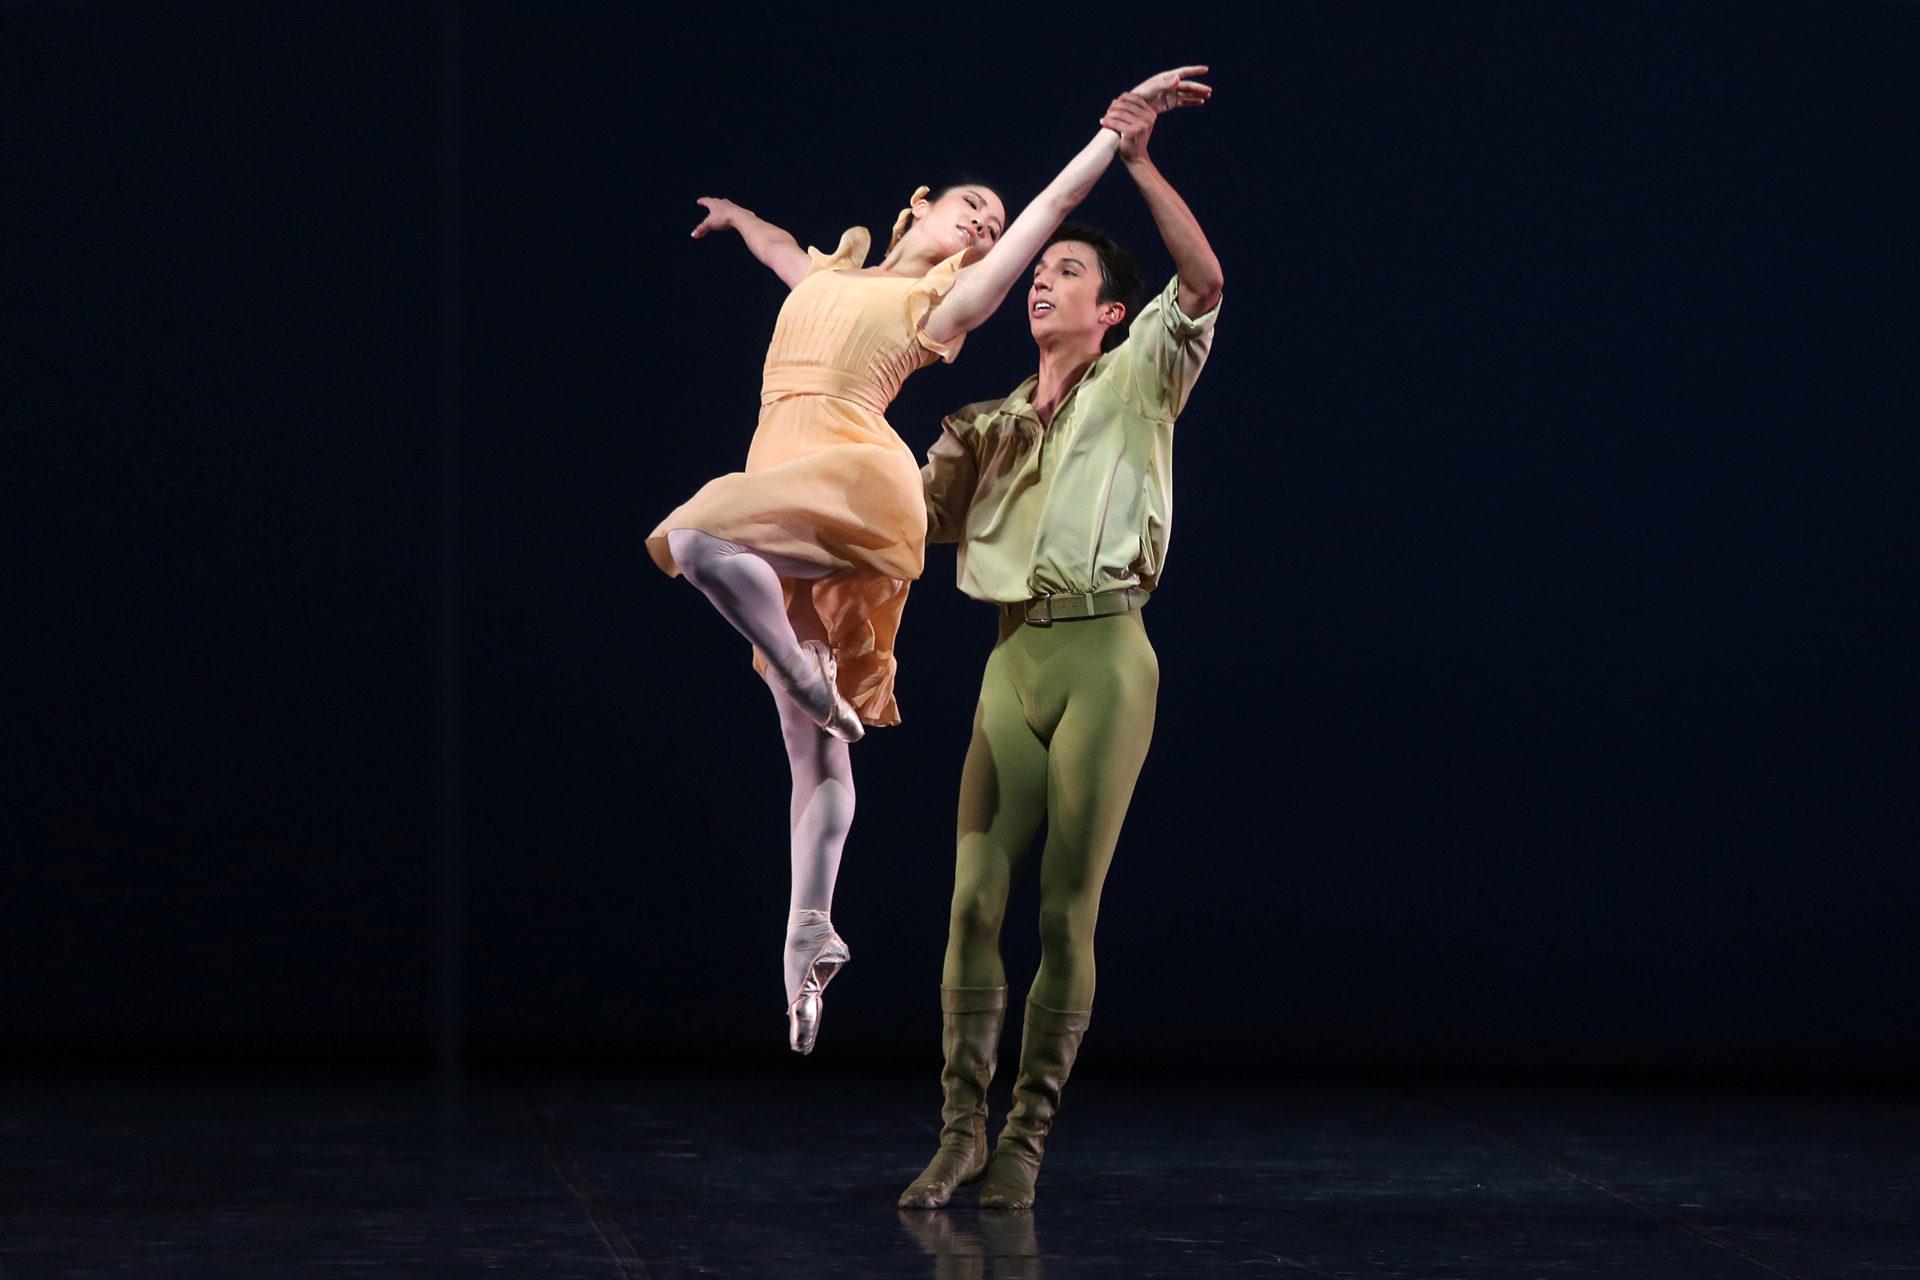 Chopin_Dances_HH_Ballett_Foto_AnjaBeutler.de_249